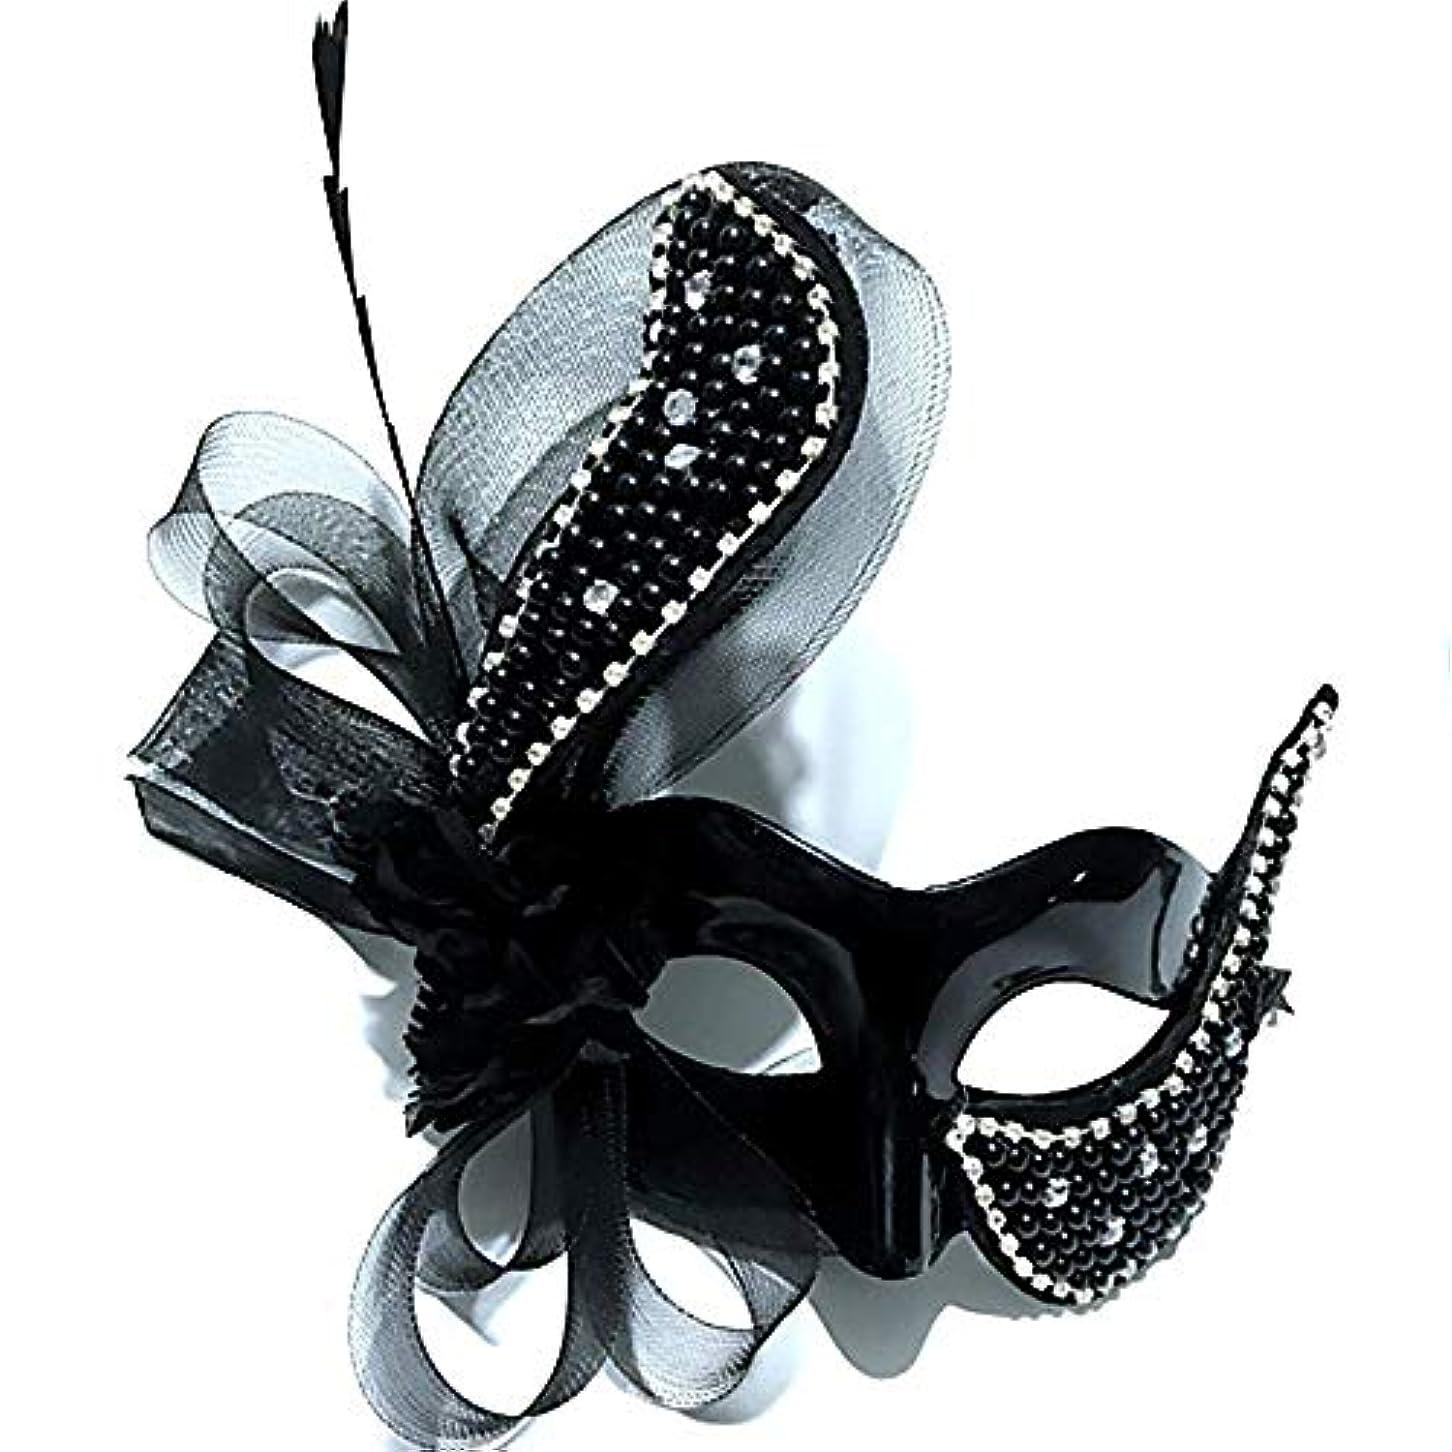 抵抗するぶどうホイップNanle ハロウィーンヴィンテージフェザーラインストーンマスク仮装マスクレディミスプリンセス美容祭パーティー装飾マスク